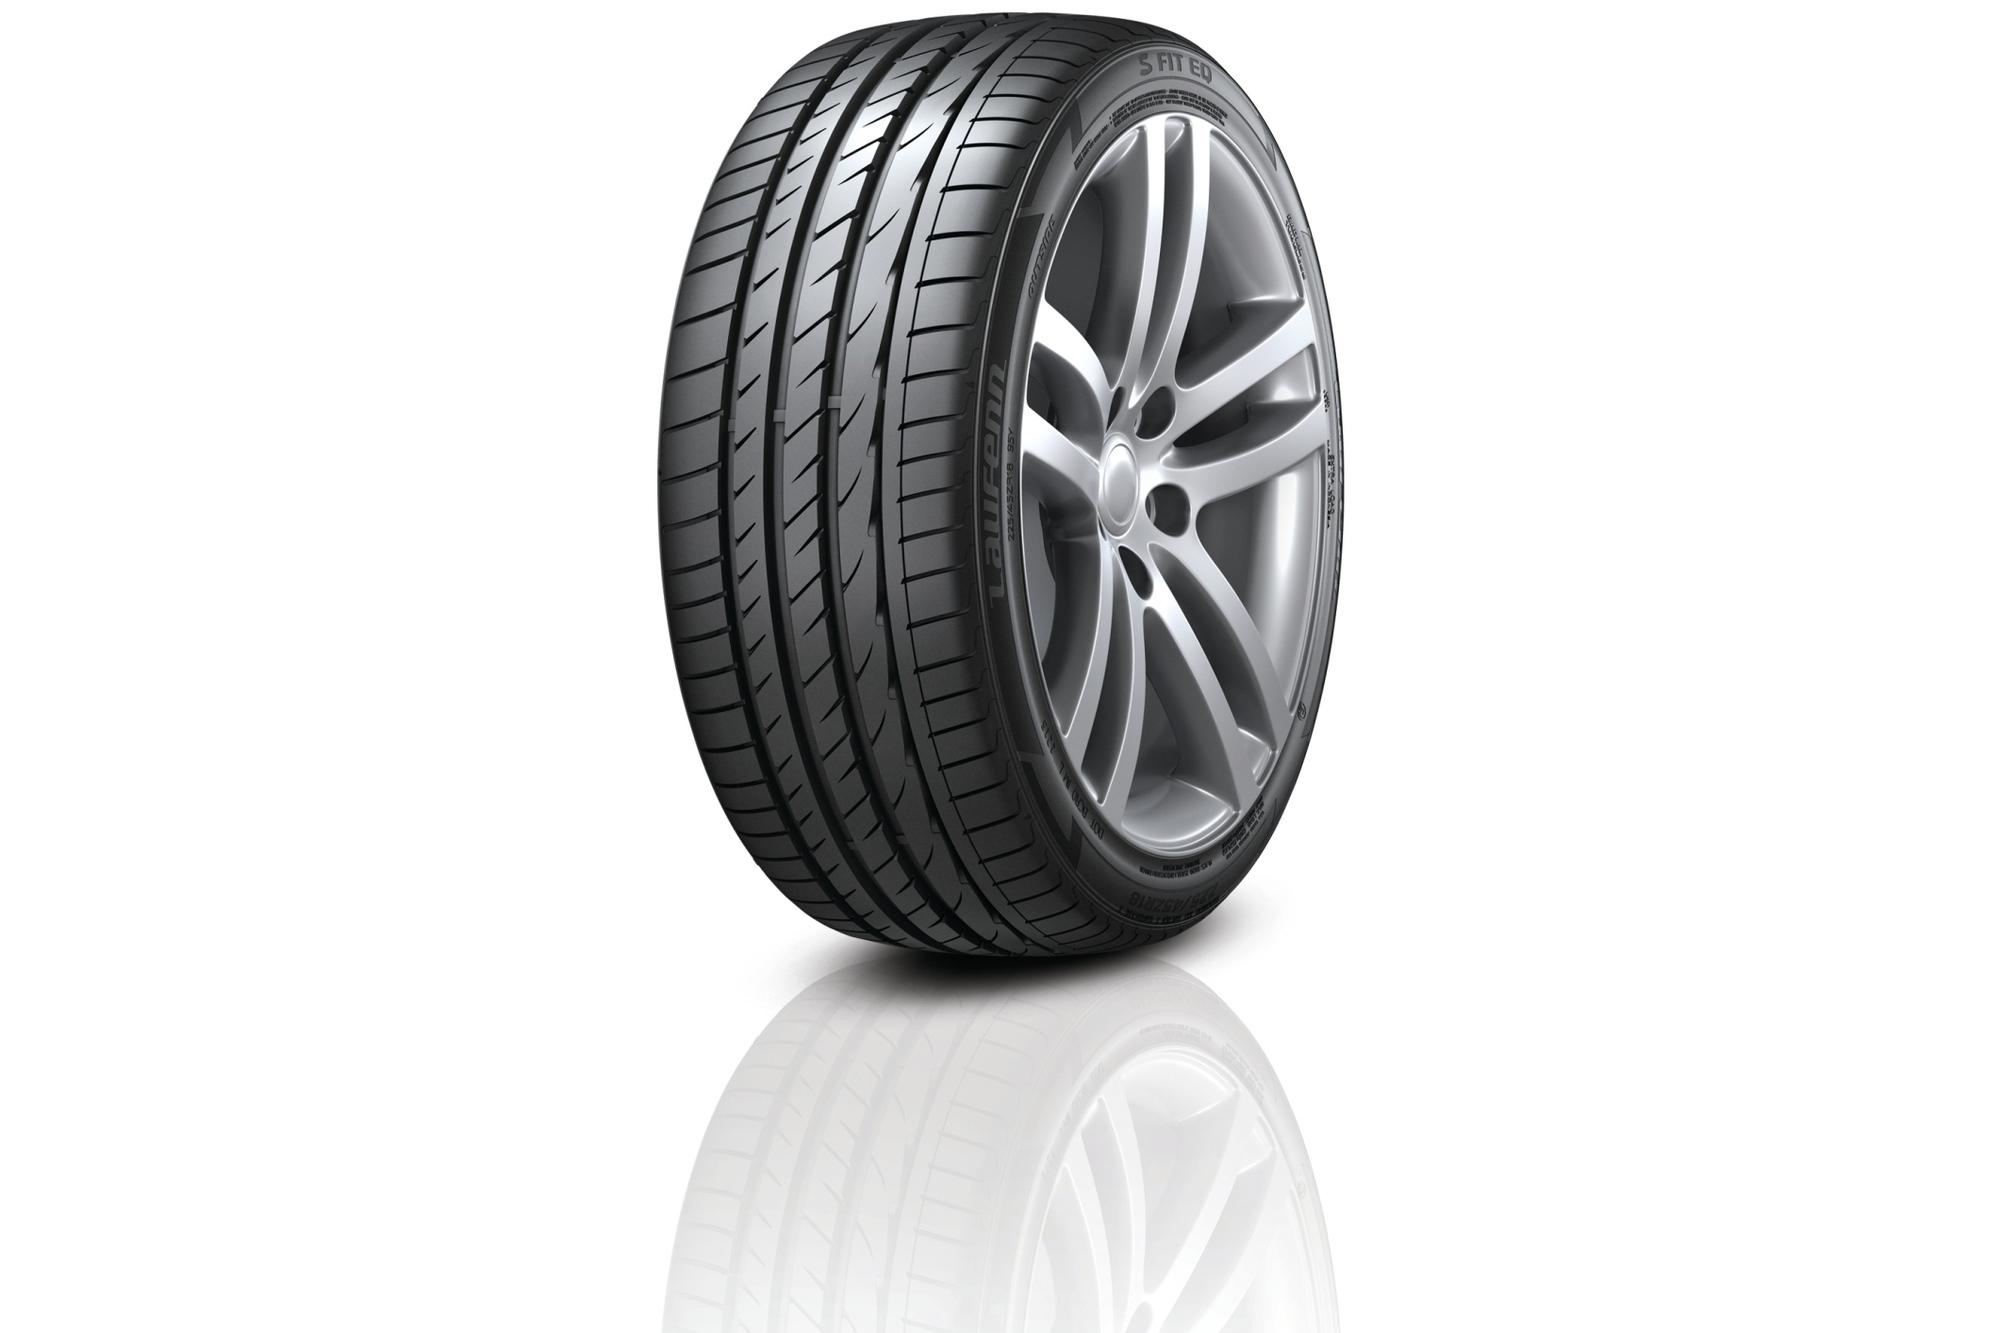 mid Groß-Gerau - Die neue Reifenmarke Laufenn startet jetzt mit drei Sommerreifen: ein Allrounder, einer für Kleintransporter und einer für besonders leistungsstarke Fahrzeuge.